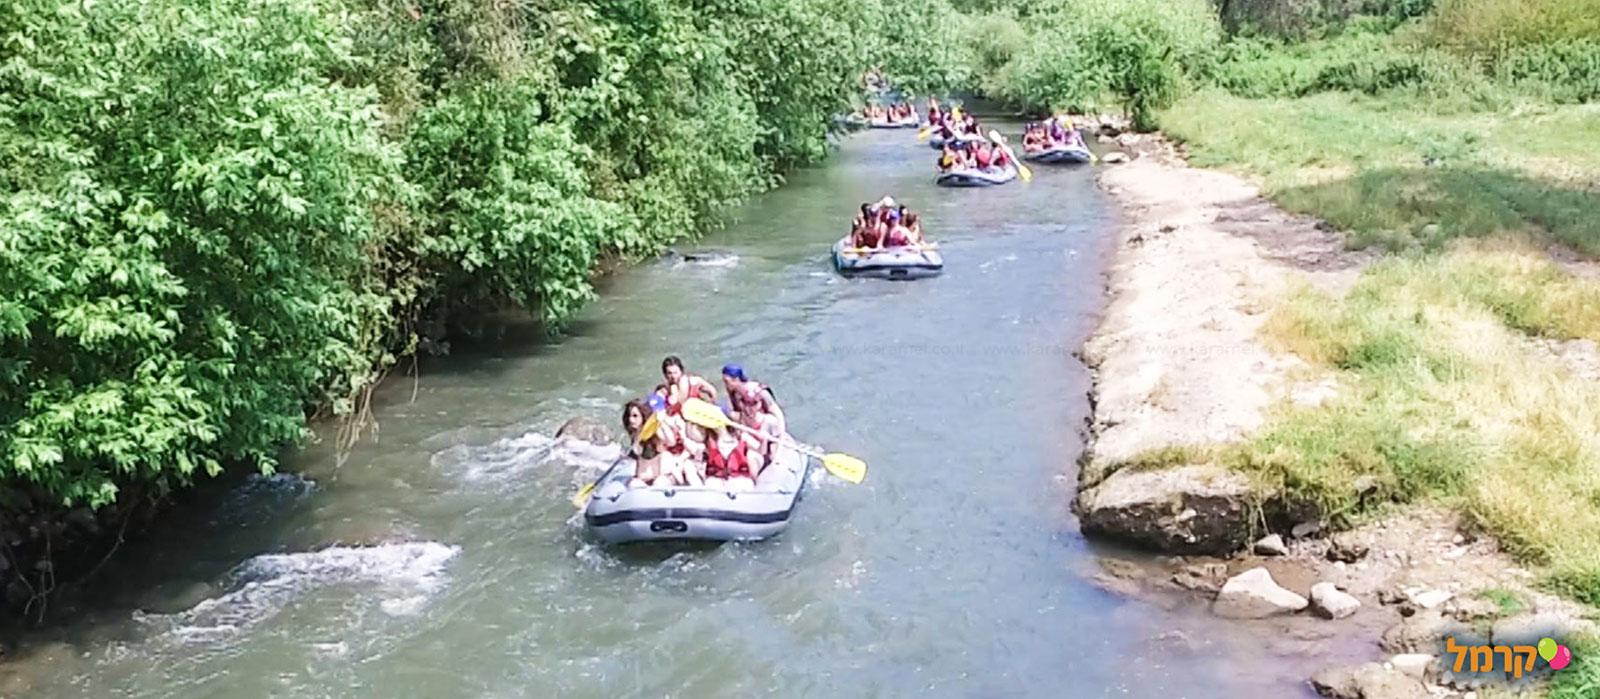 רפטינג נהר הירדן - 073-7590484